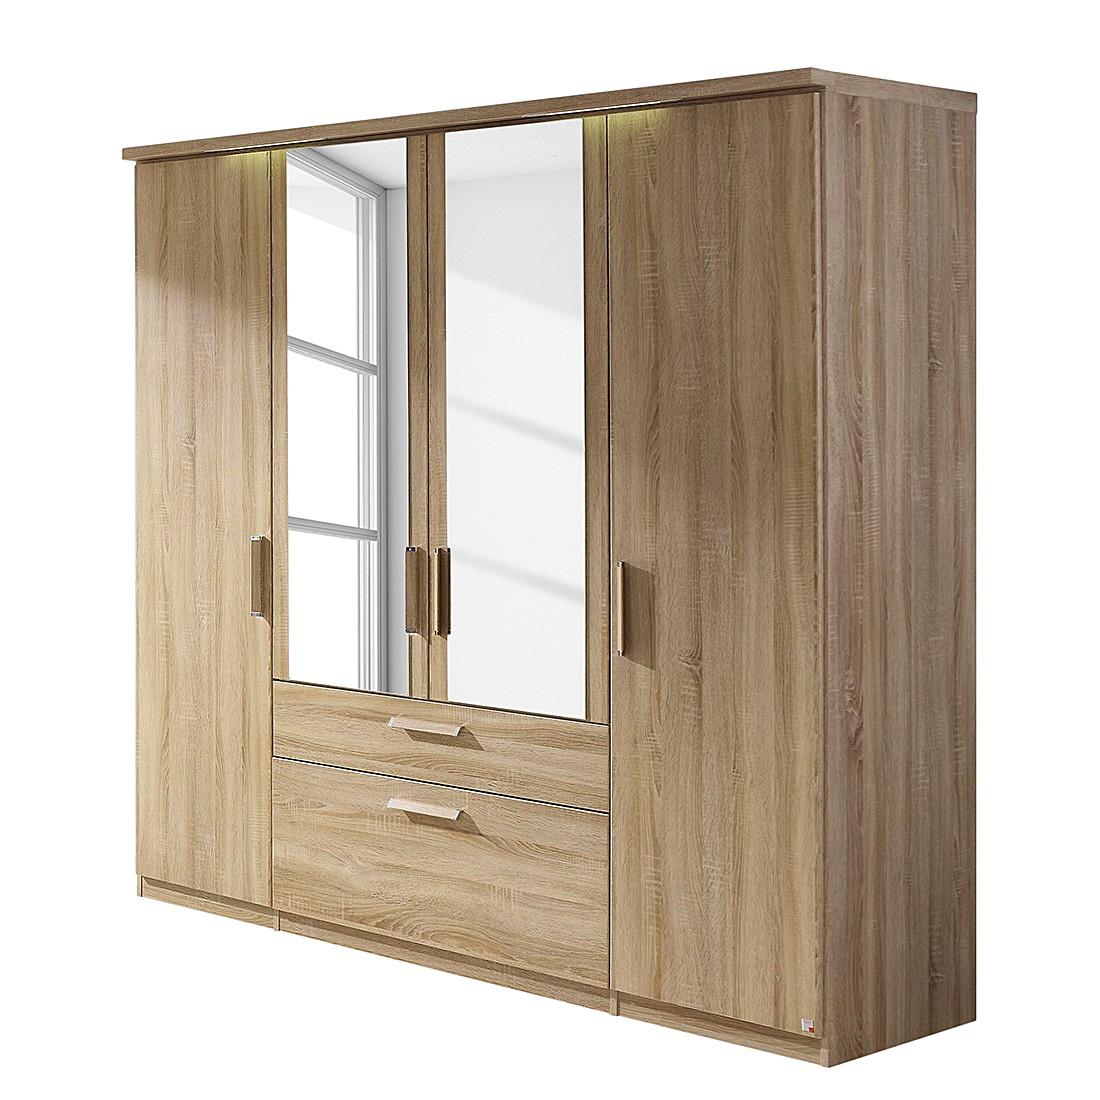 goedkoop energie A+ Draaideurkast Evelyn II Sonoma eikenhouten look Met verlichting 201cm 4 deurs 223cm Met kroonlijst Rauch Dialog